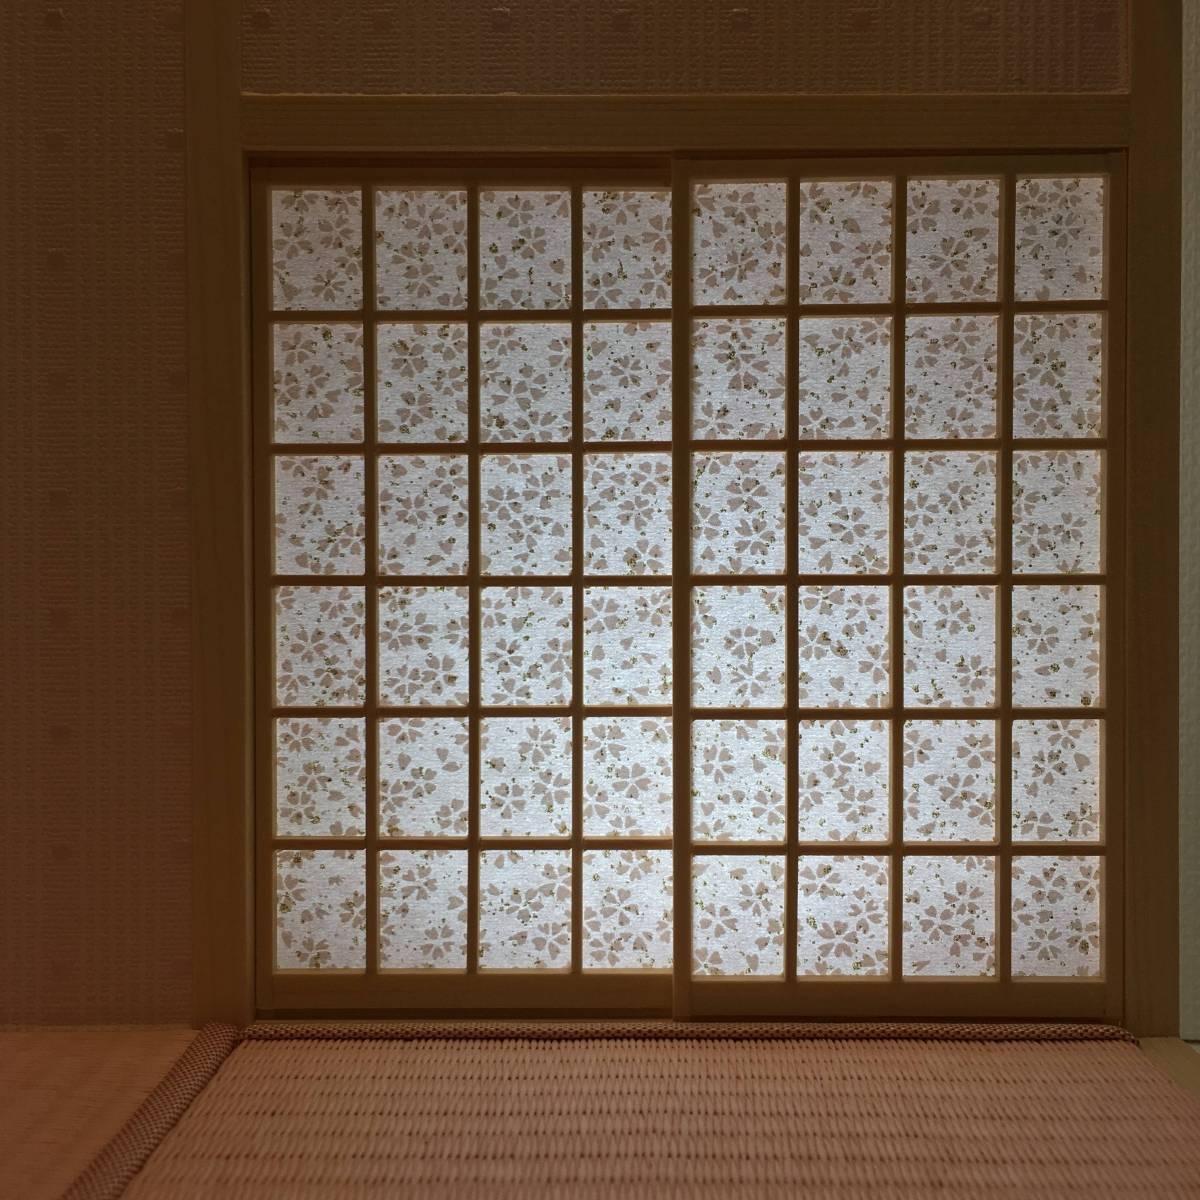 ドールハウス 和室 和風 畳部屋 1/12 サイズ ピンク ポップ桜の間。プチブライス ピコニーモ あまむす オビツ11のミニチュア人形装飾撮影等_画像8